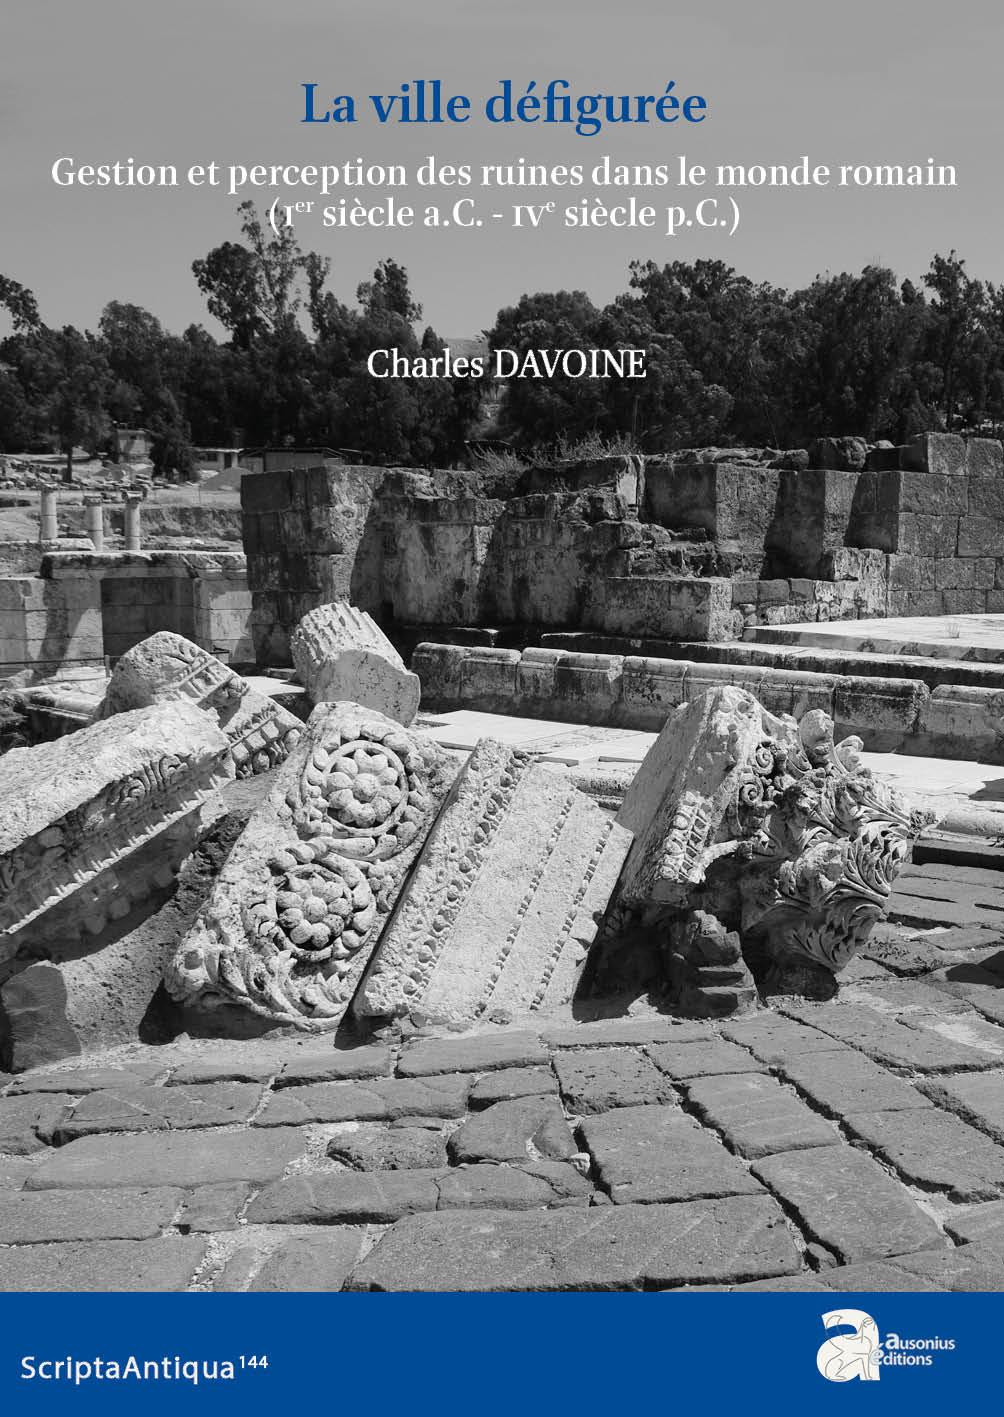 La ville défigurée. Gestion et perception des ruines dans le monde romain (Ier siècle a.C. - IVe siècle p.C.)